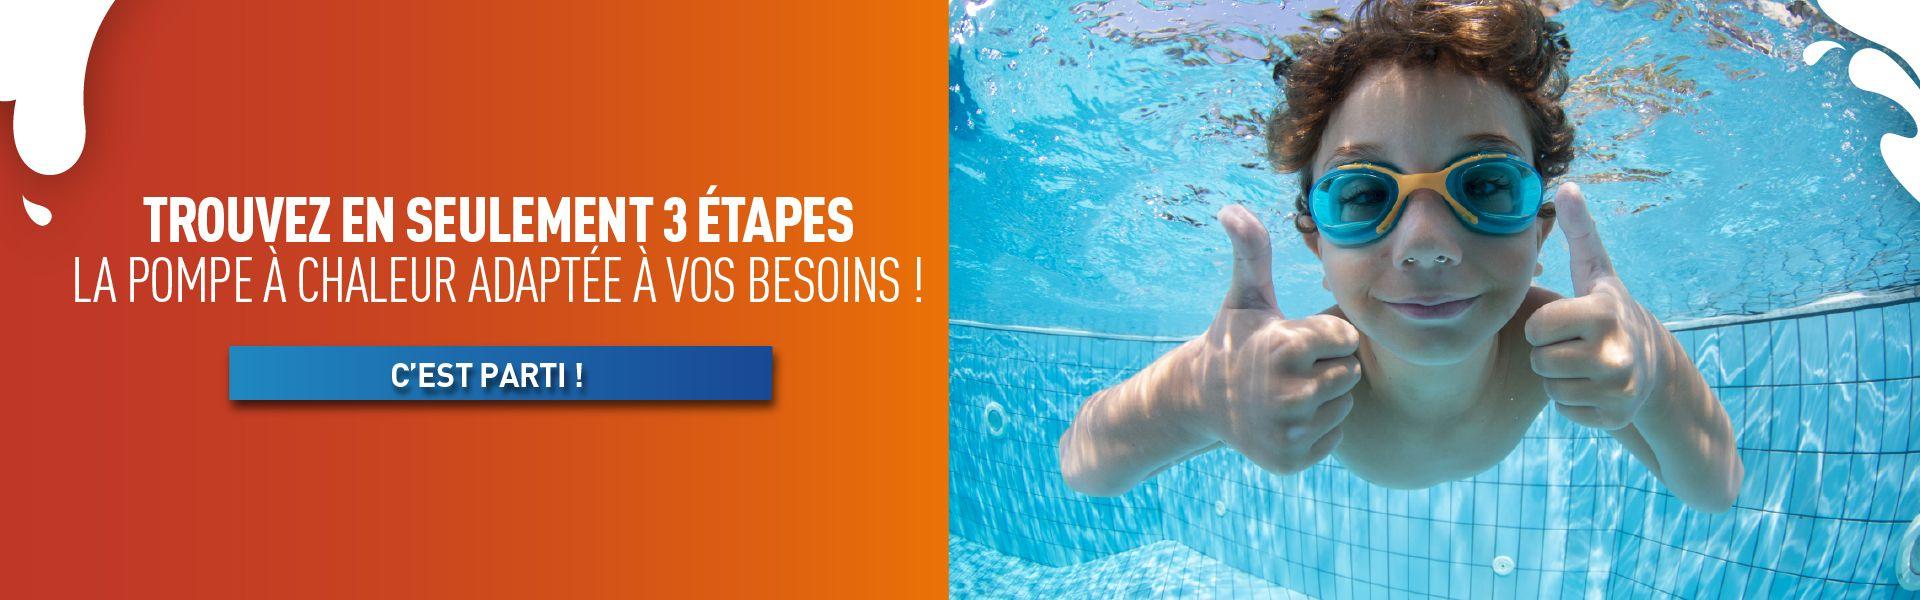 Cash Piscines - Tout Pour La Piscine & Spas Gonflables ... dedans Cash Piscine Le Cres